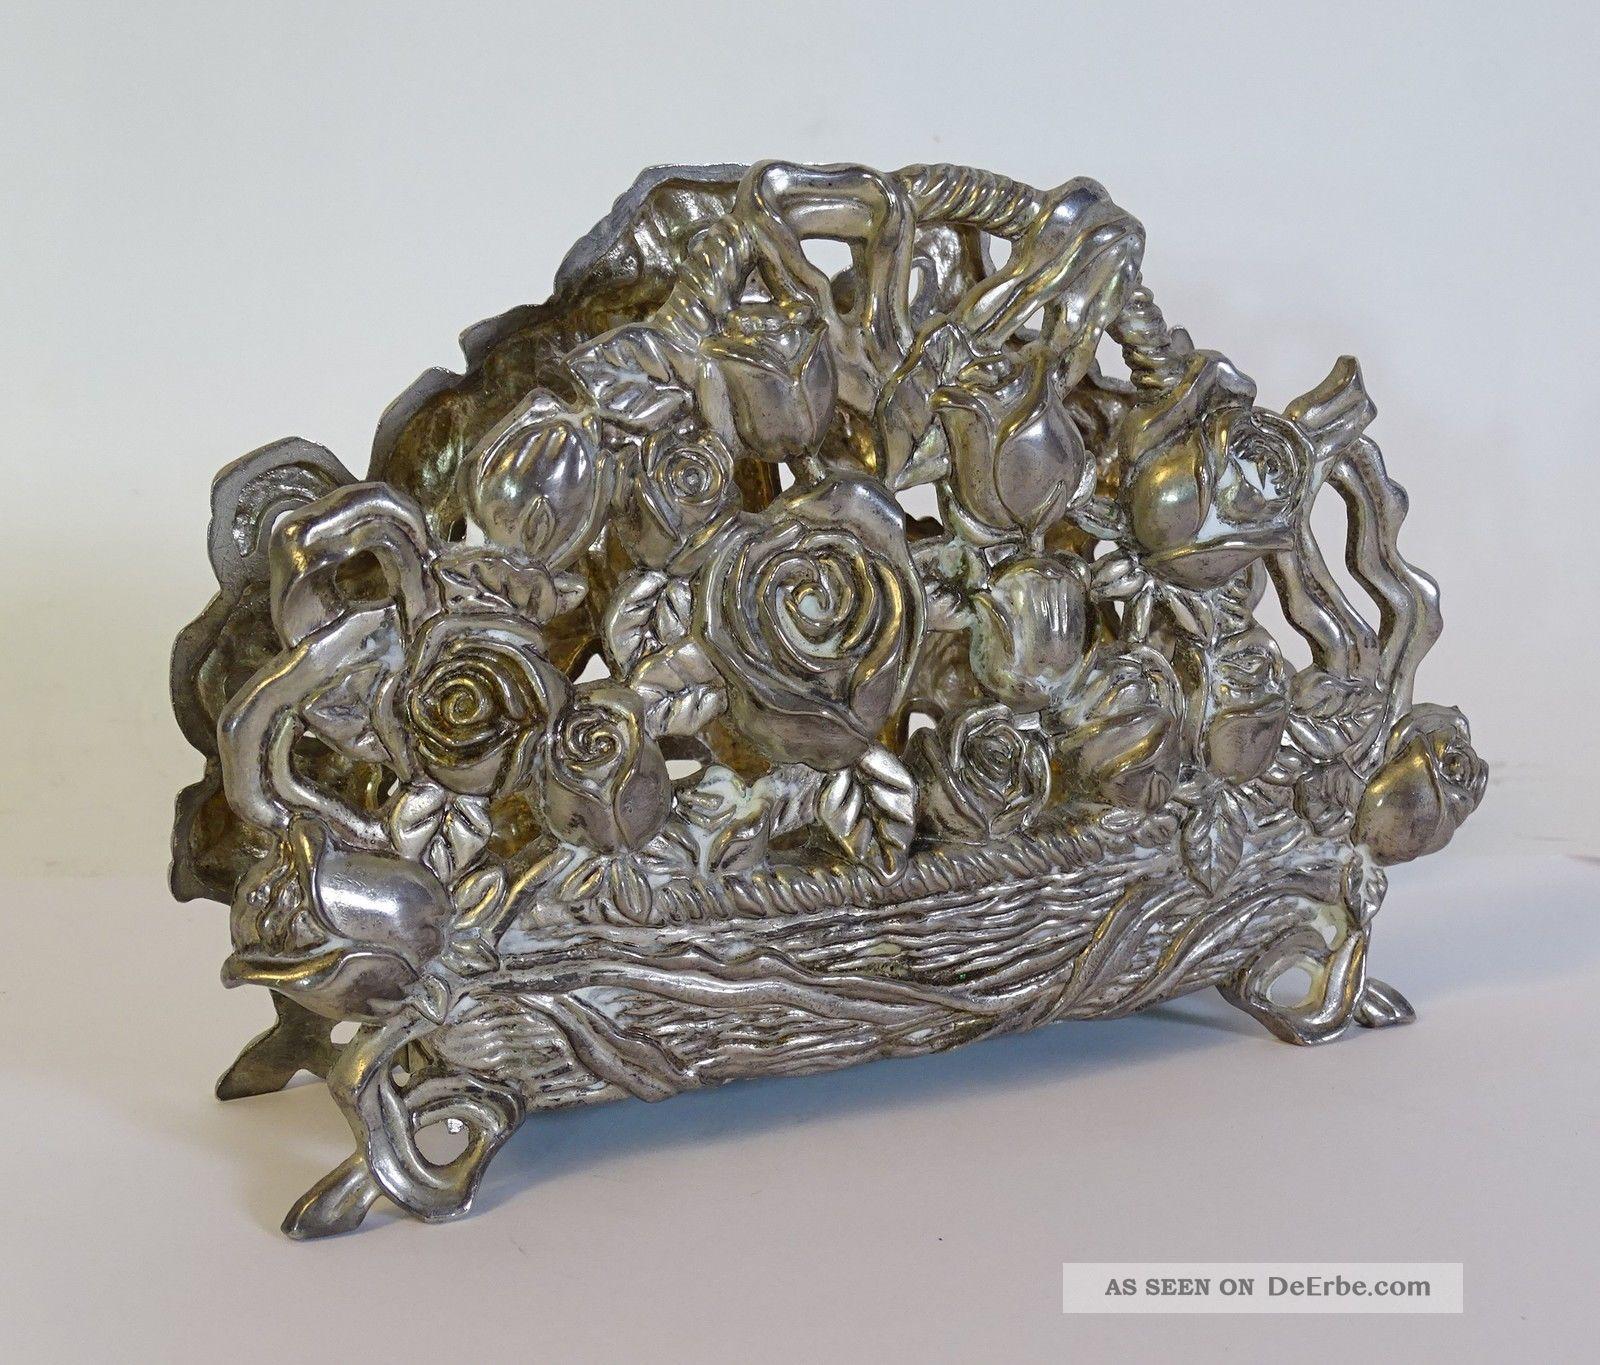 Antiker Großer Serviettenhalter Herrlichem Blumendekor Metall Serviettenständer Metallobjekte Bild